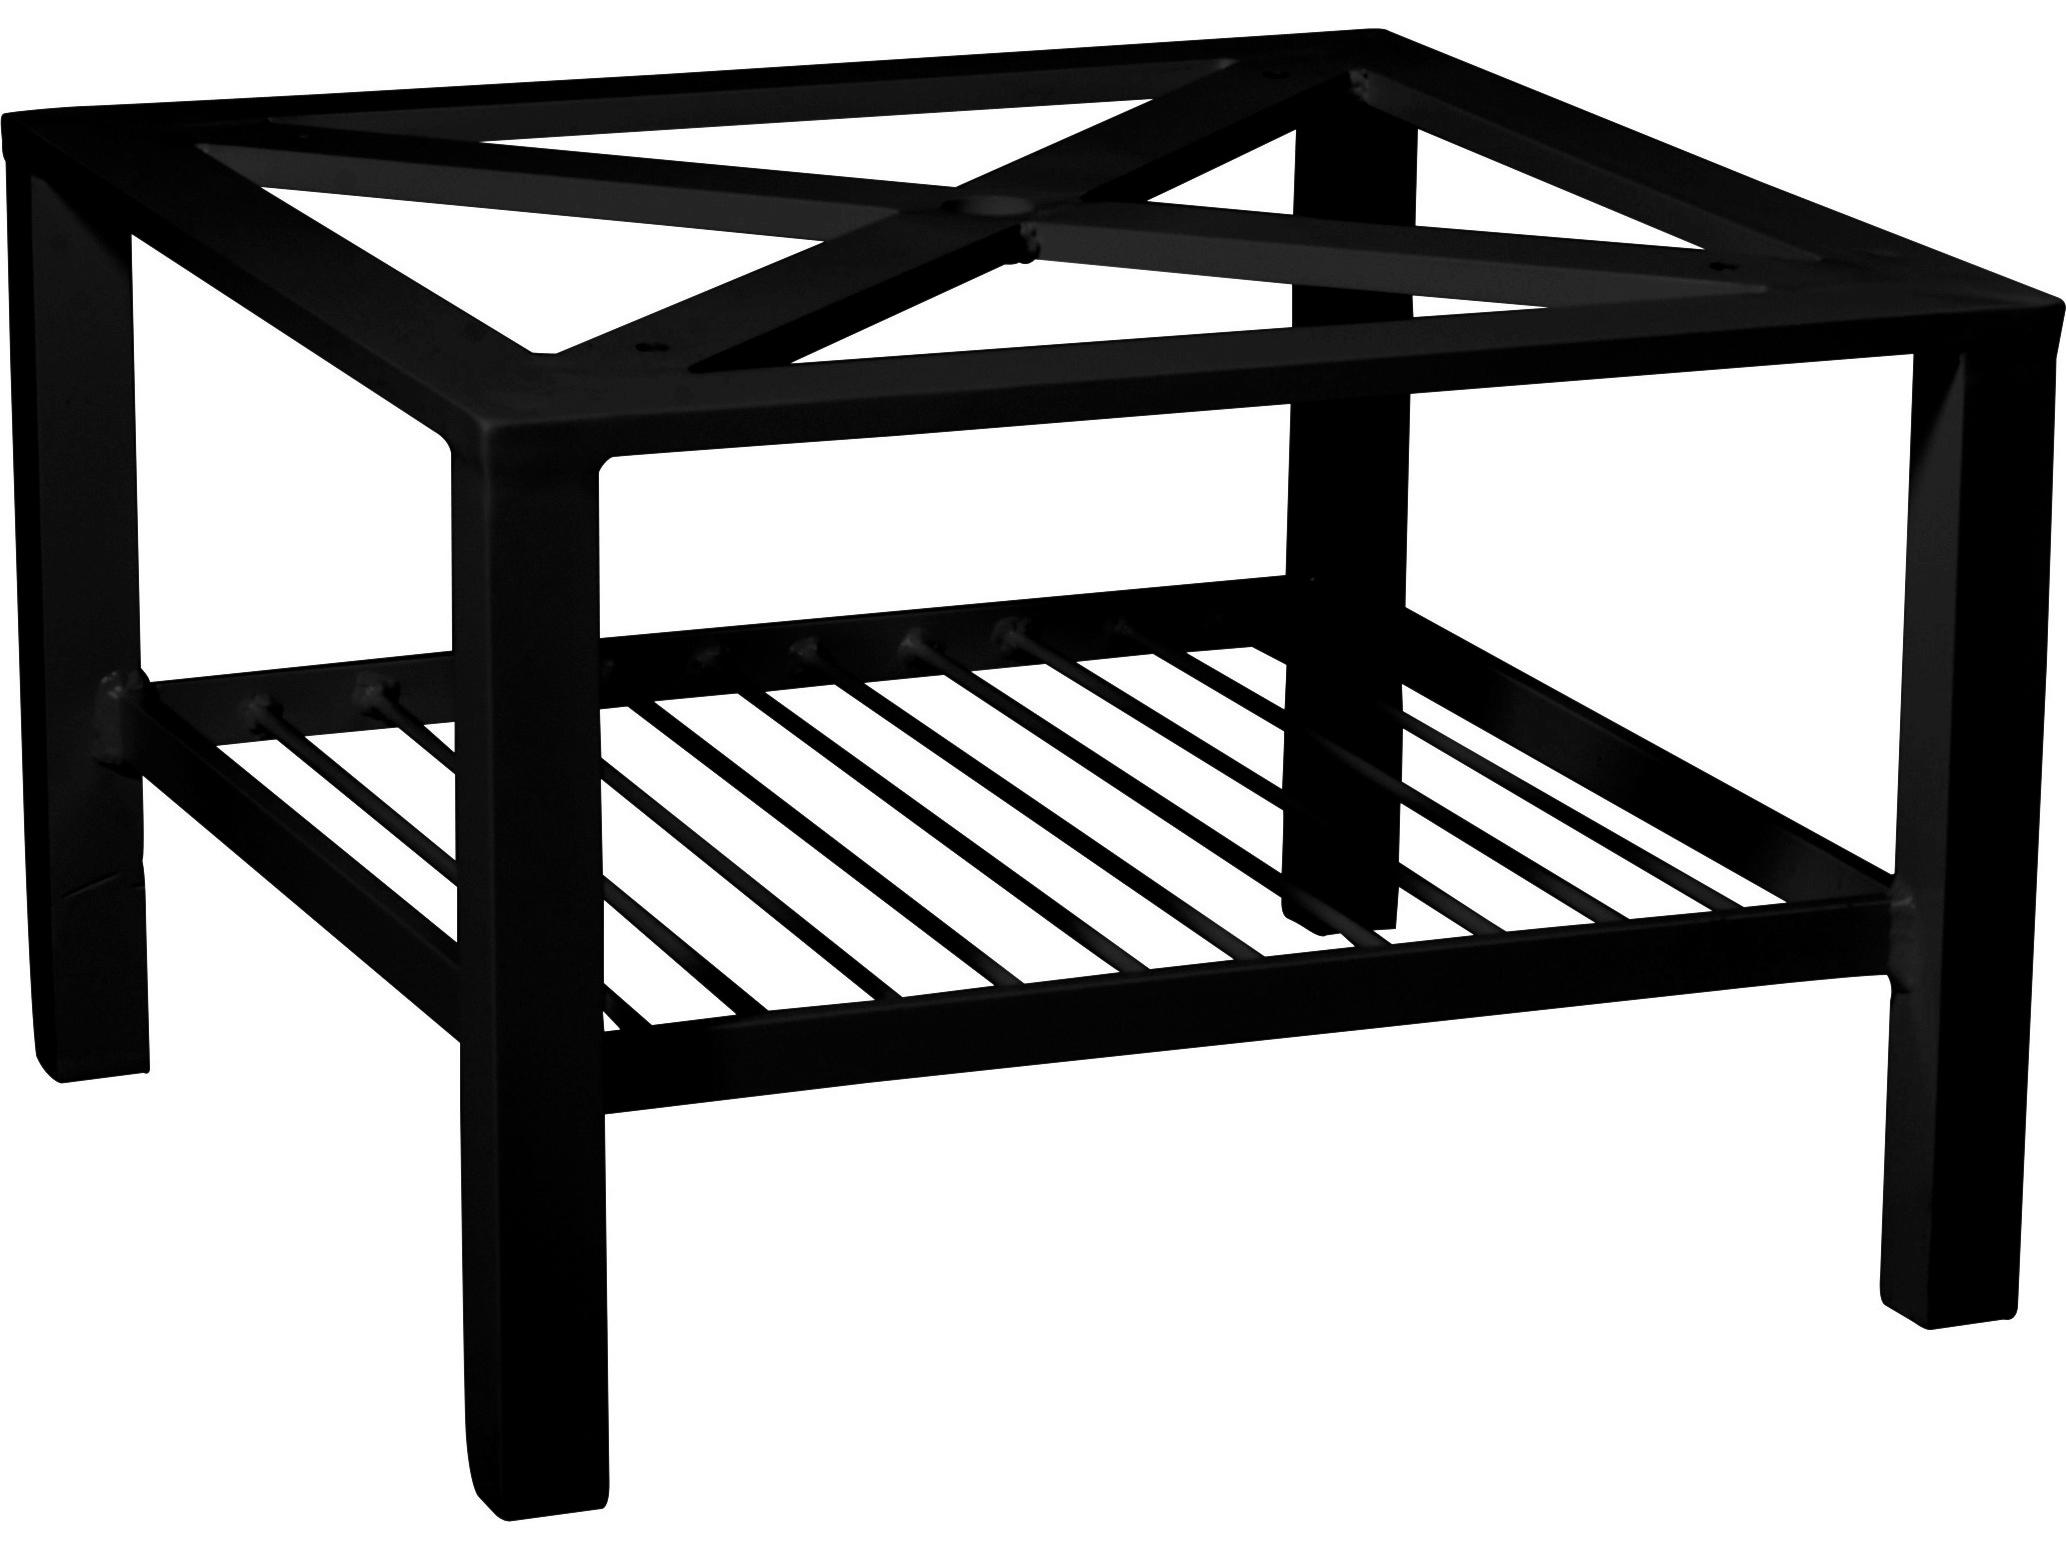 woodard elite aluminum coffee table base only 4v4300. Black Bedroom Furniture Sets. Home Design Ideas